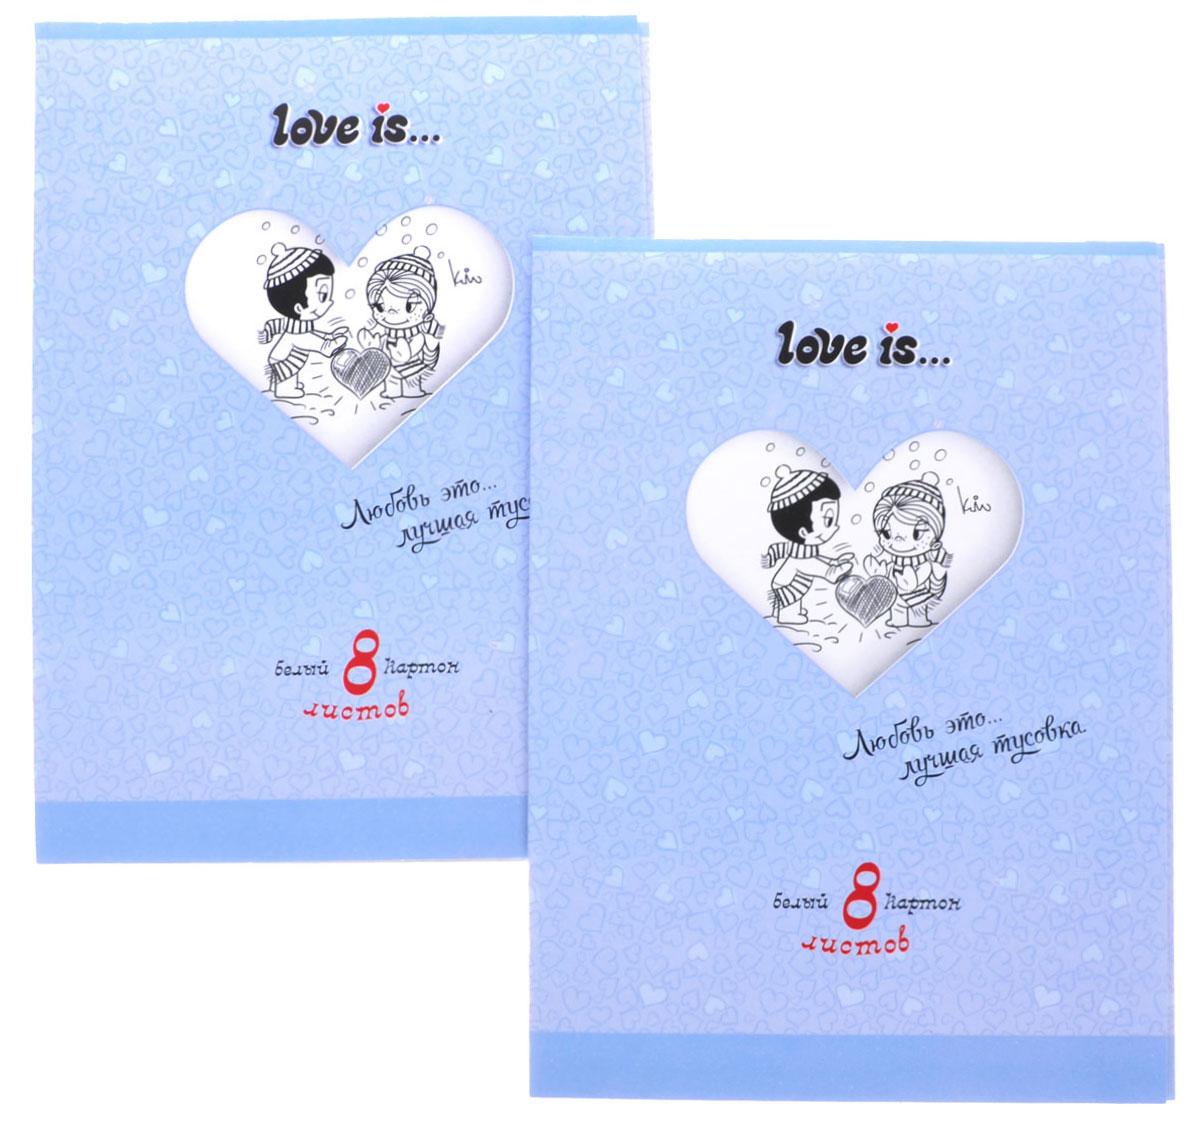 Action! Набор белого картона Love is 8 листов 2 шт цвет папки голубойLI-AWP-8/8_голубойНабор белого картона Love is идеально подойдет для творческих занятий в детском саду, школе и дома. Набор состоит из восьми листов белого картона формата А4, упакованных в картонную яркую папку. Создание поделок и аппликаций из картона - это увлекательный досуг, который позволяет ребенку развивать свои творческие способности.